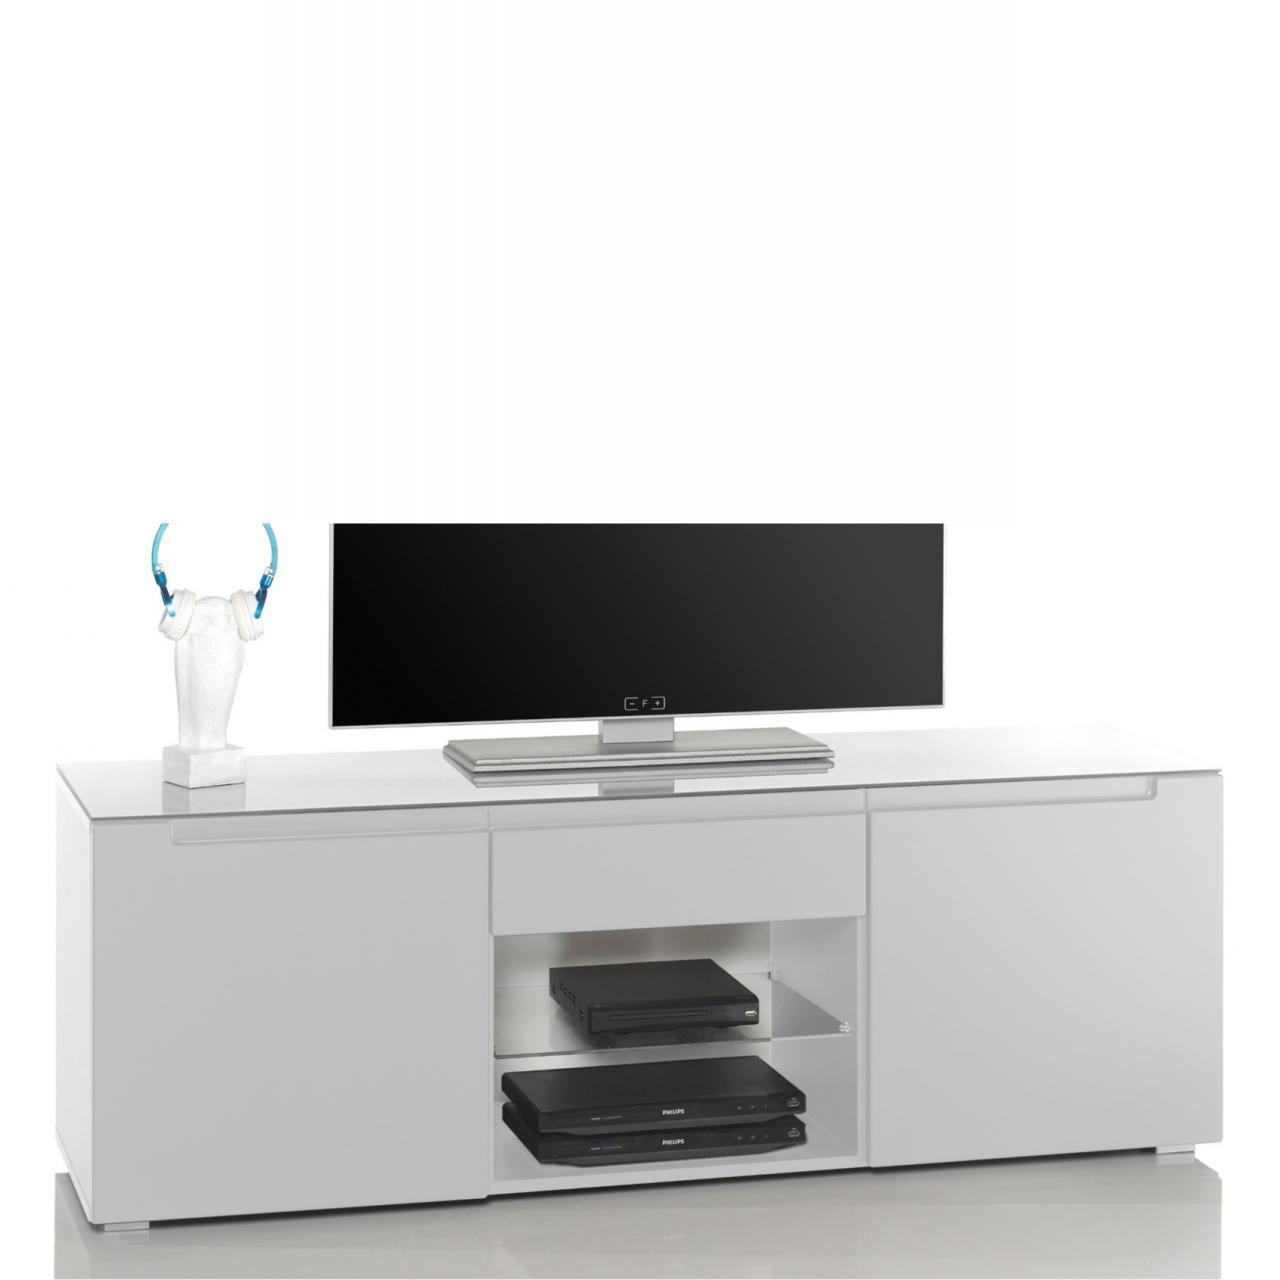 Lowboard 6 - Tiger - weiß